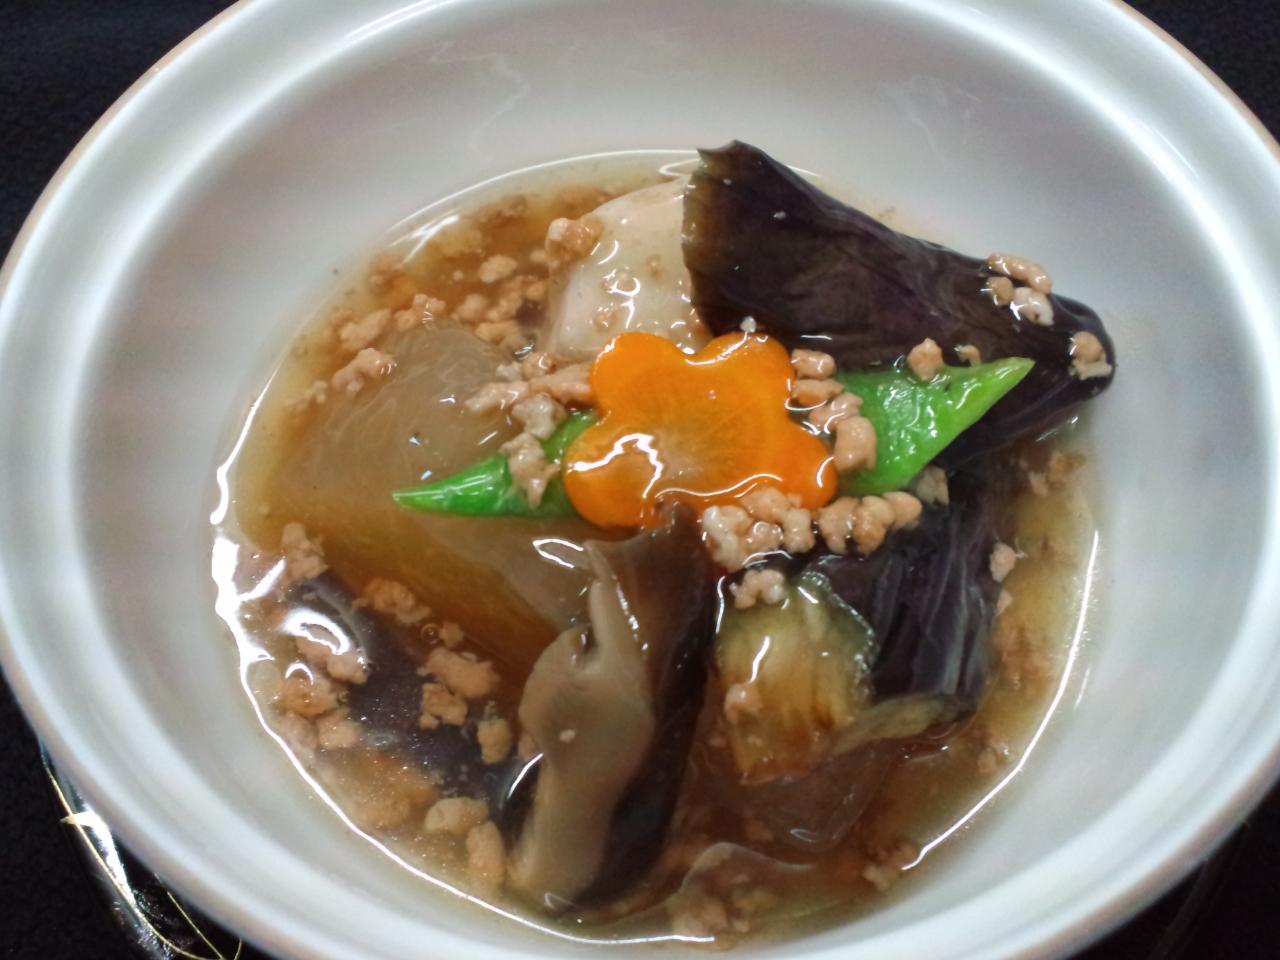 愛知県産の冬瓜。